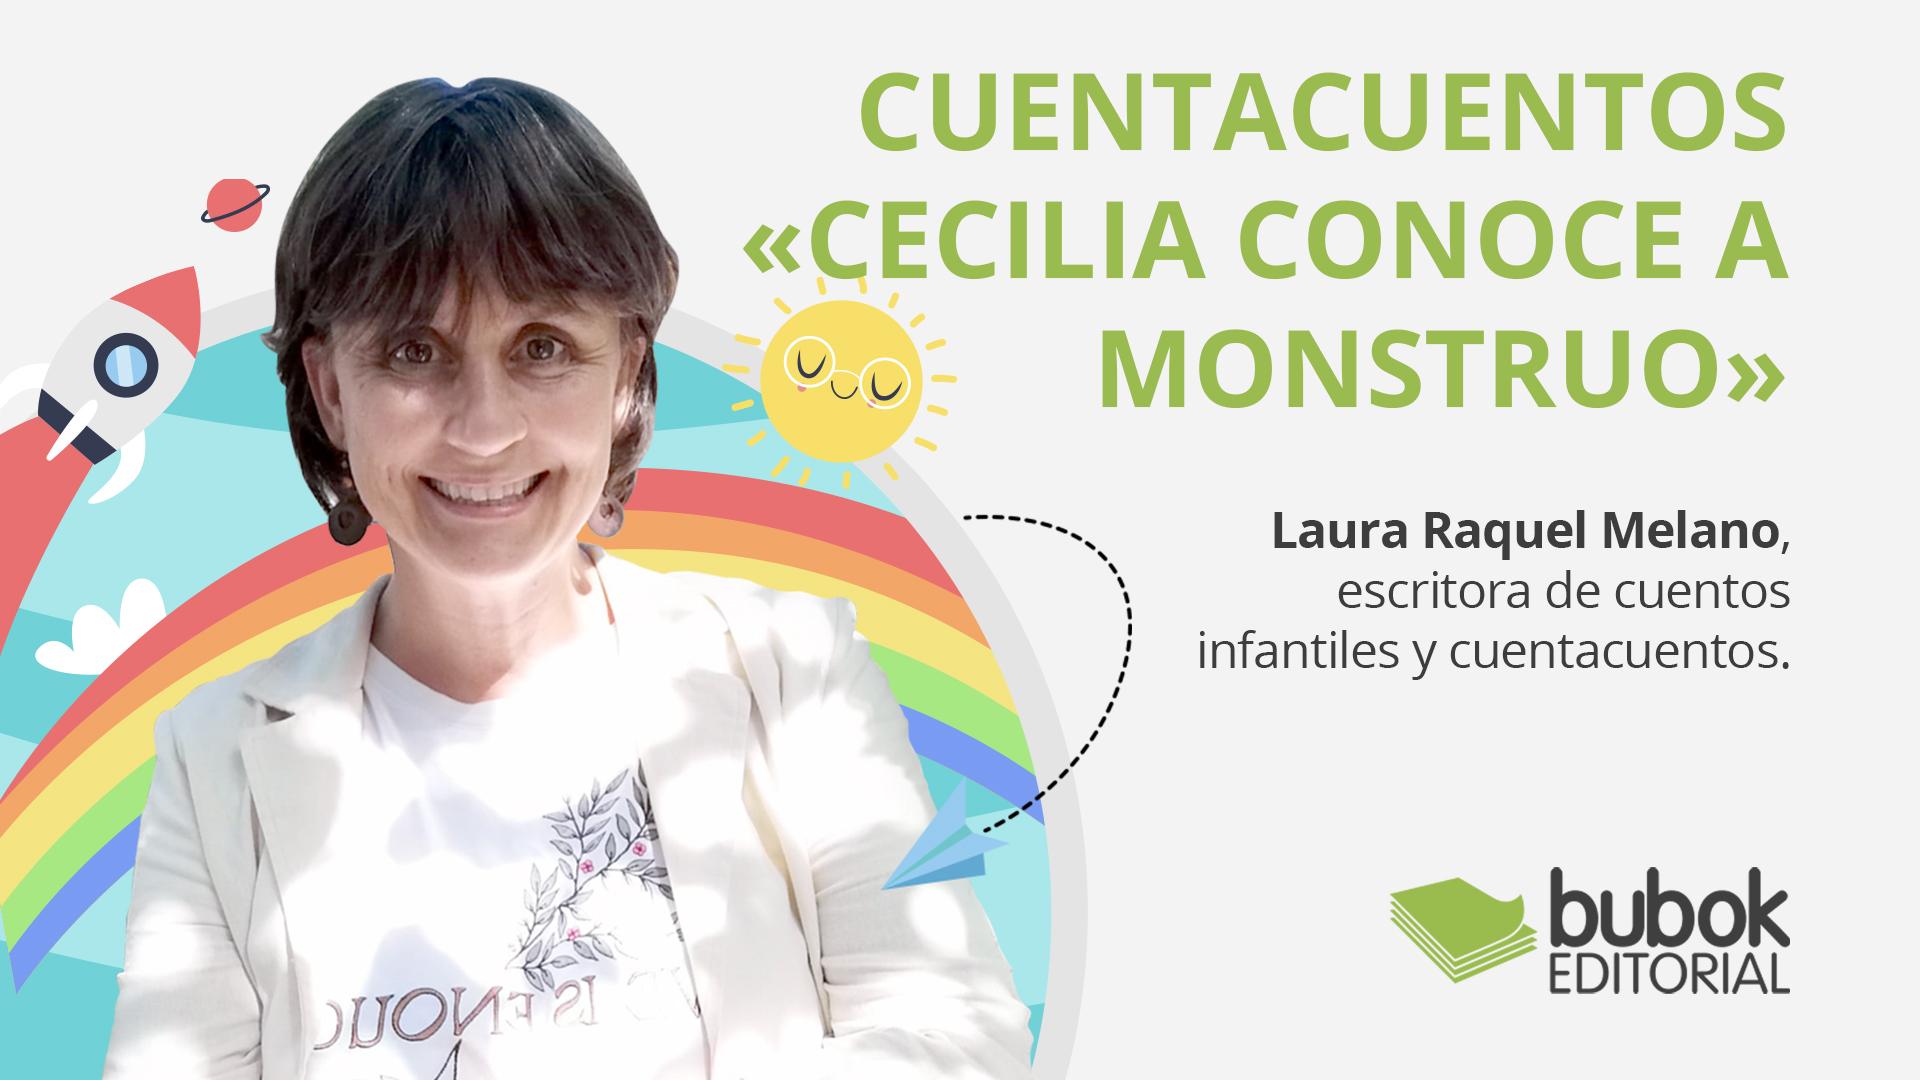 Cuentacuentos «Cecilia conoce a Monstruo»